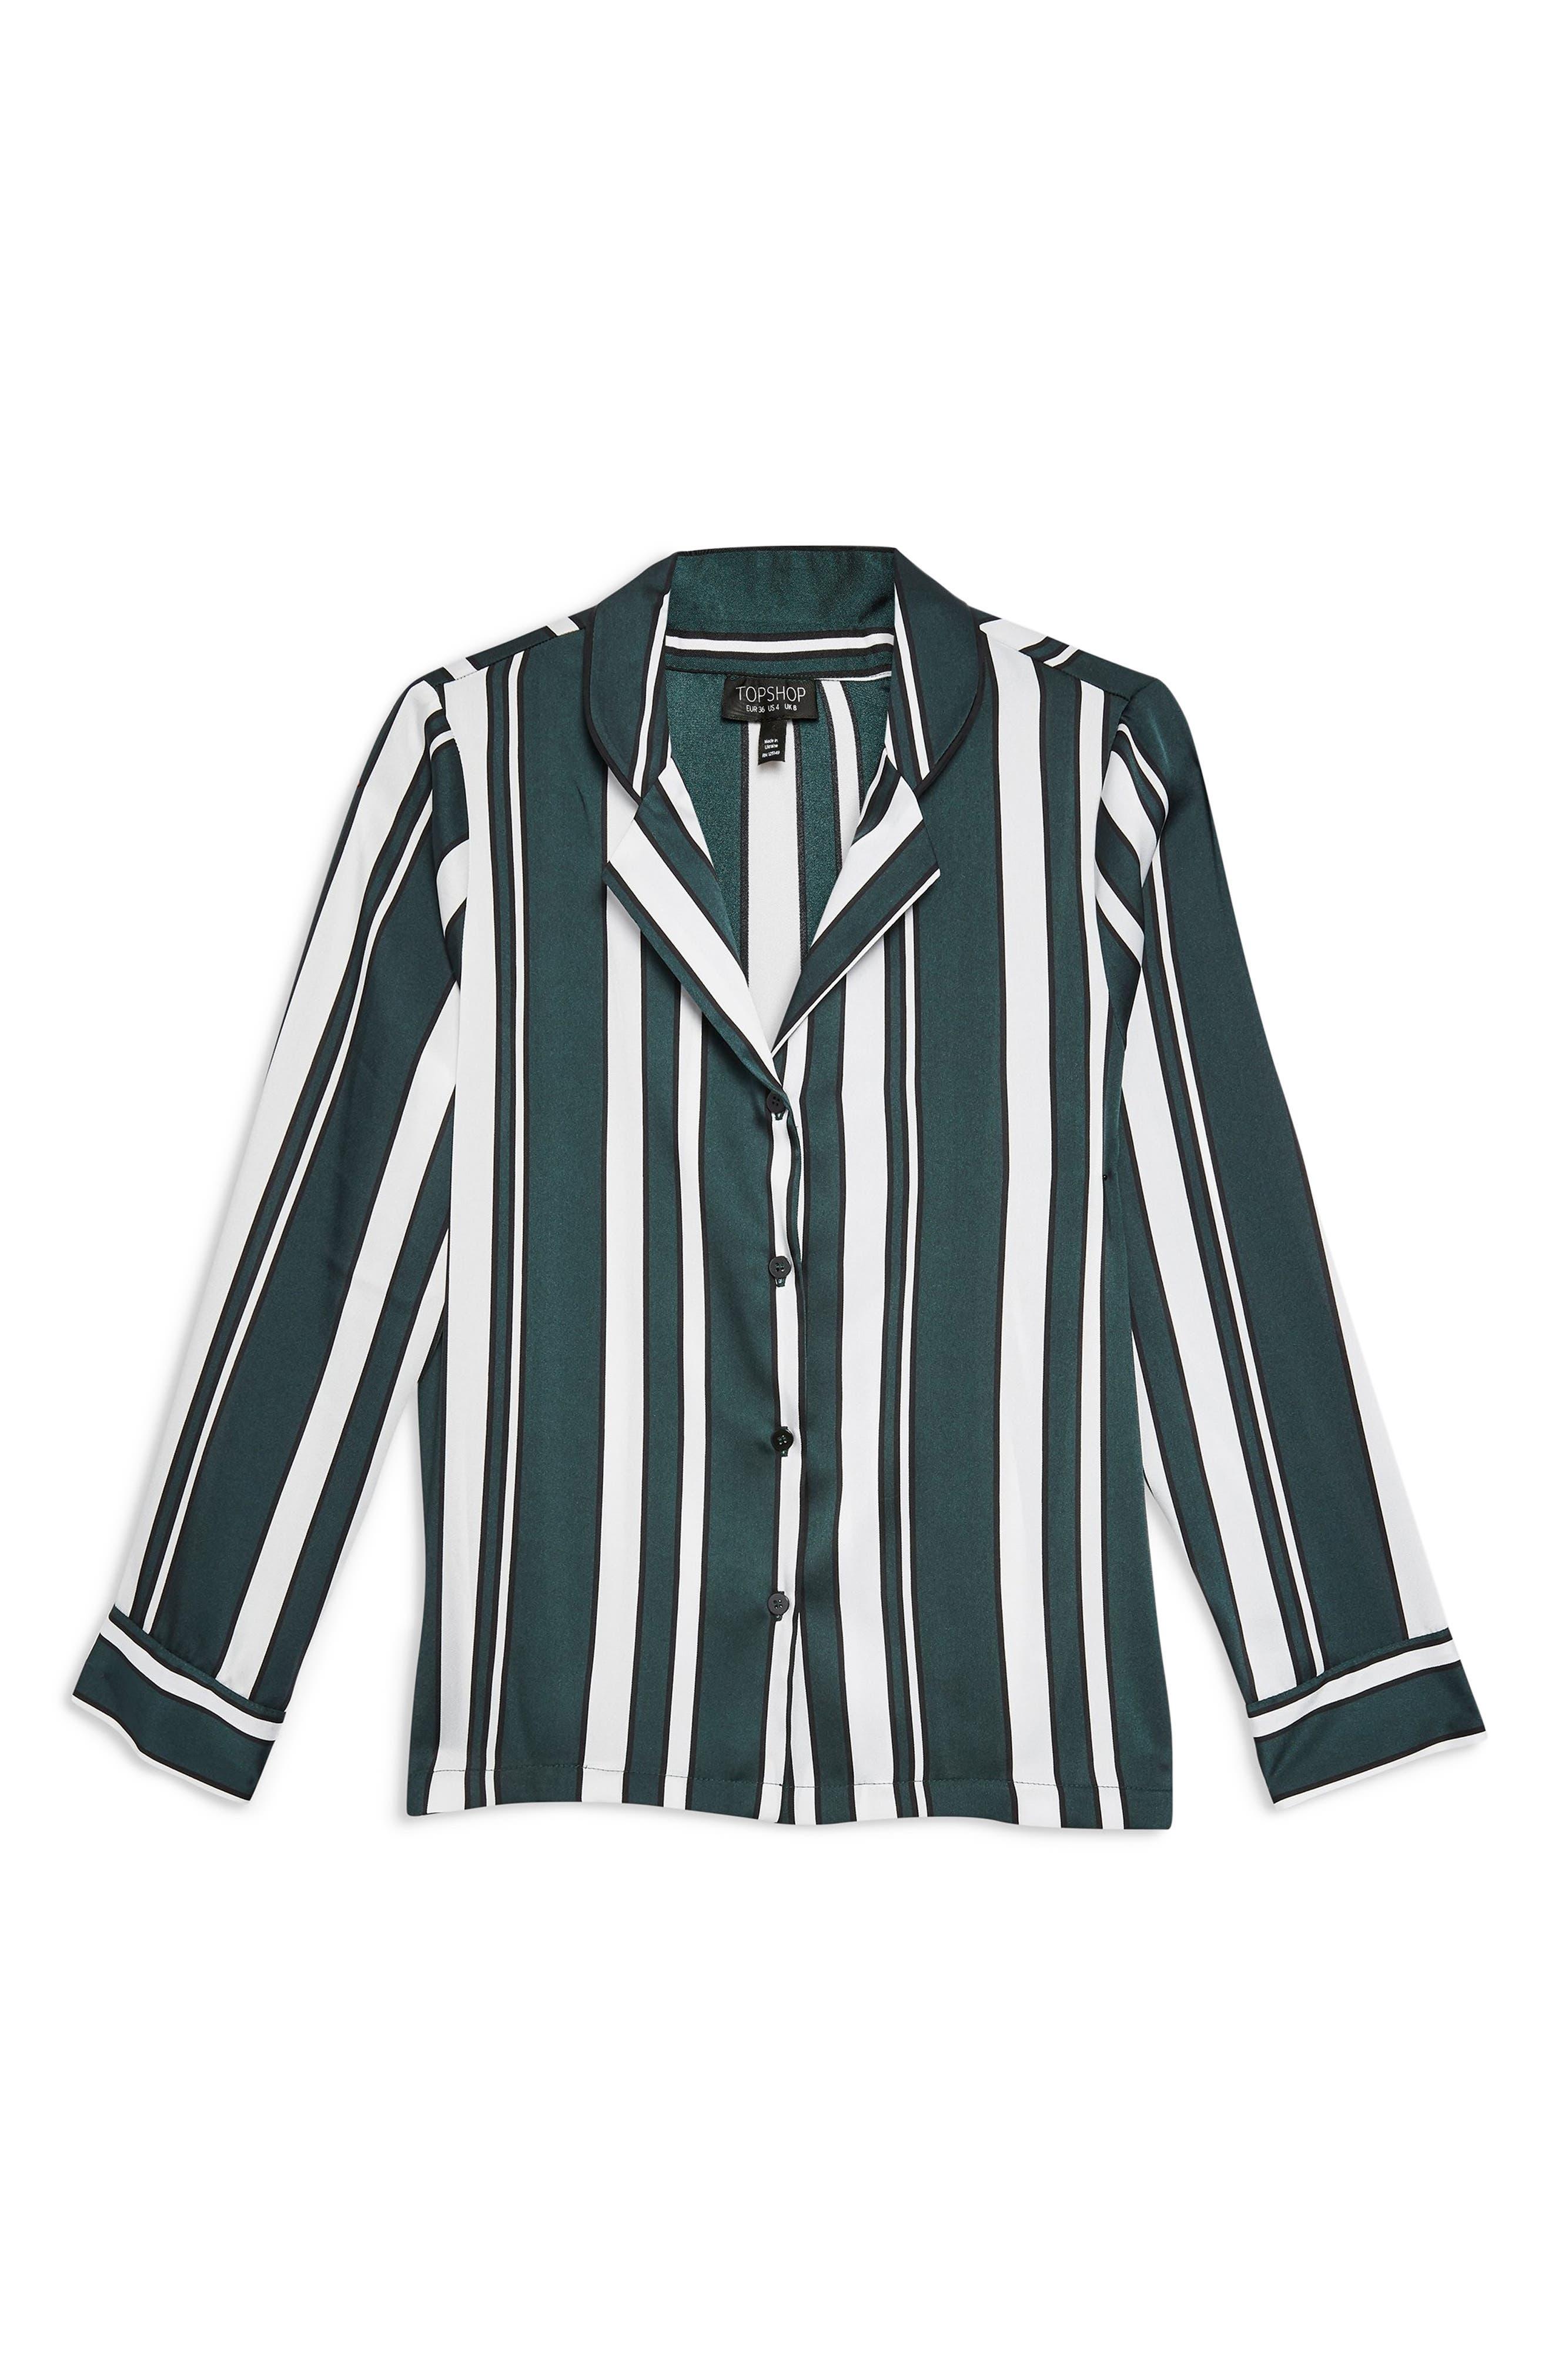 TOPSHOP, Stripe PJ Shirt, Alternate thumbnail 4, color, GREEN MULTI